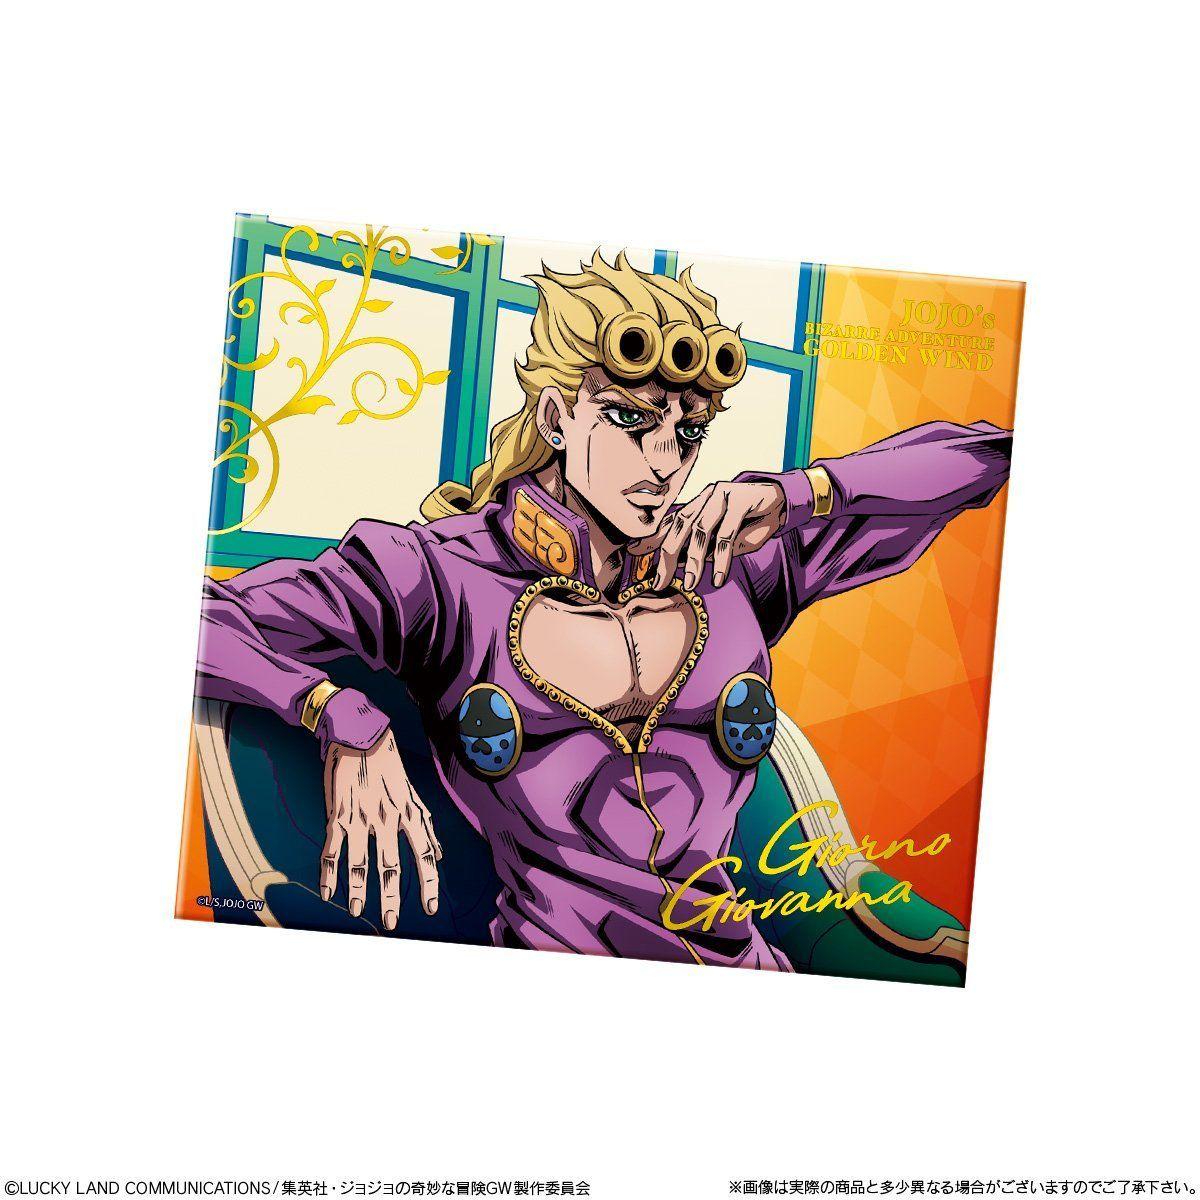 【食玩】ジョジョ『ジョジョの奇妙な冒険 黄金の風 canvas style -キャンバススタイル-』10個入りBOX-002